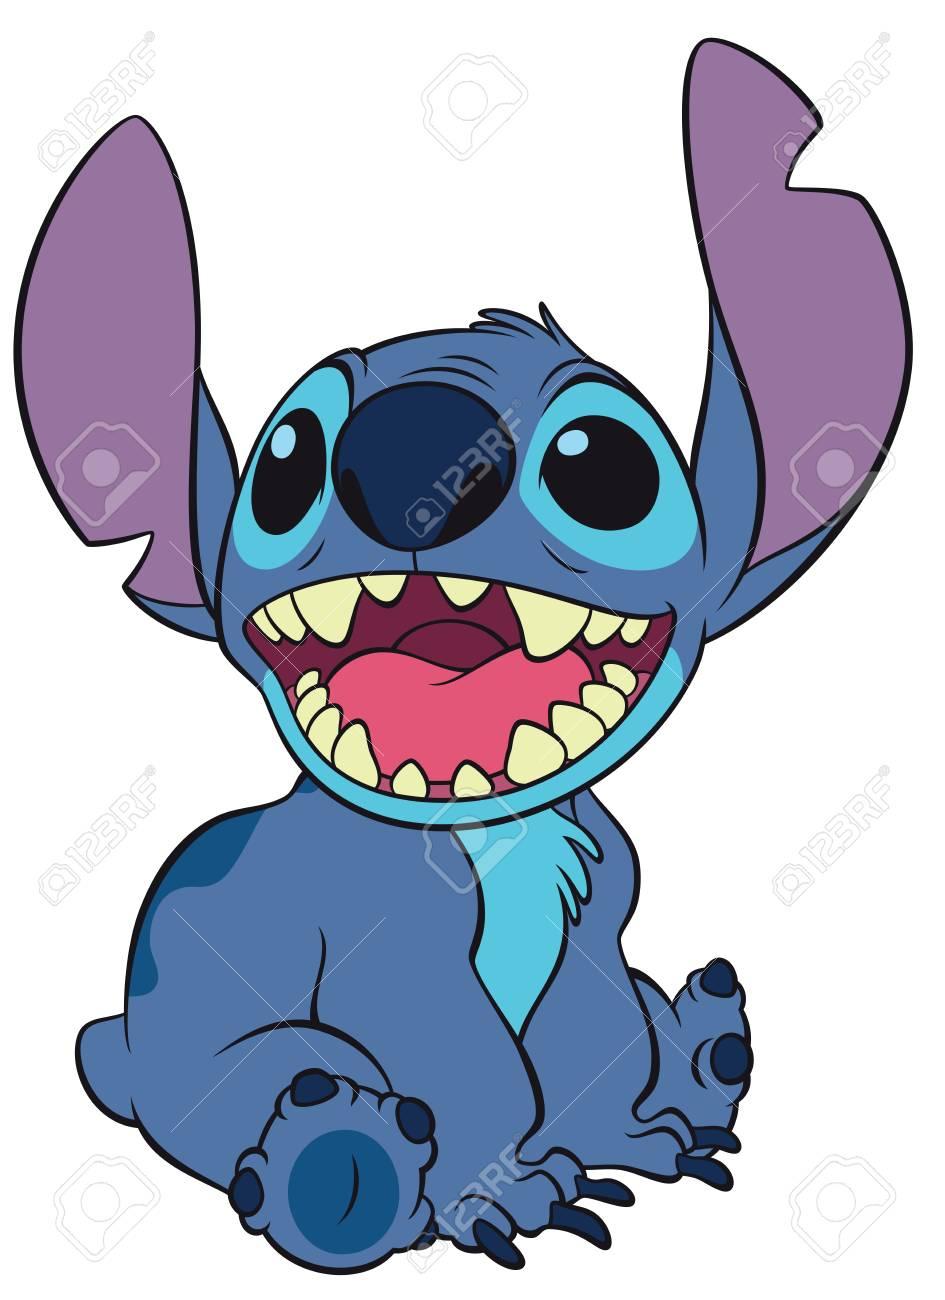 Lilo Stitch Character Illsutration Cute Stock Photo